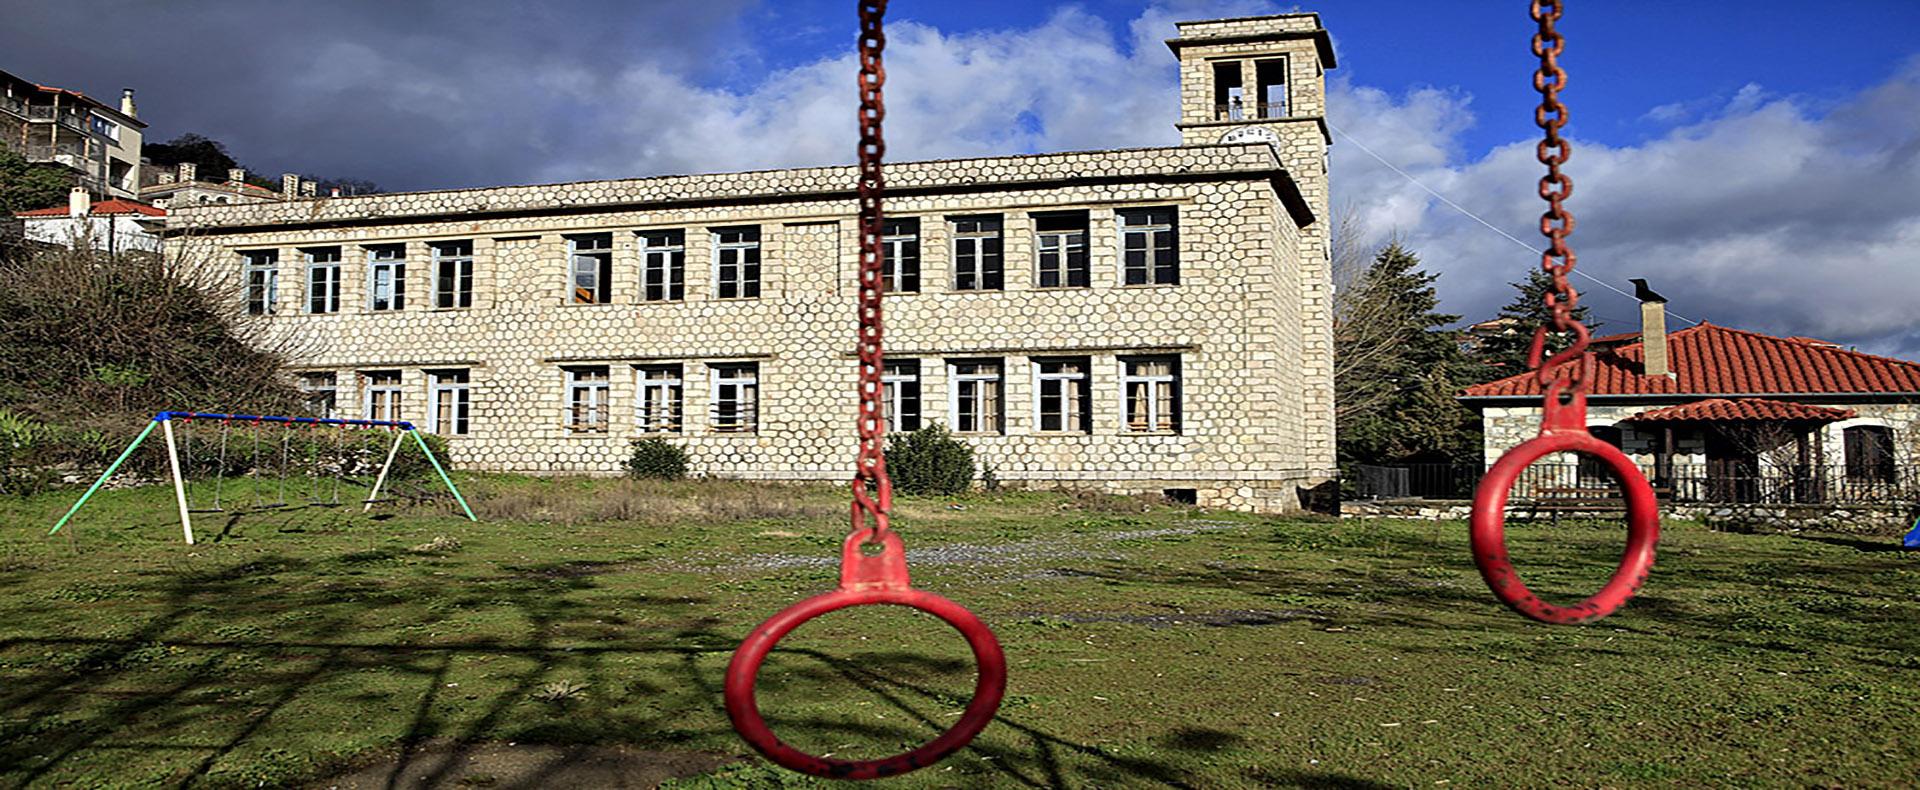 Το Δημοτικό Σχολείο στο Γεωργίτσι Λακωνίας